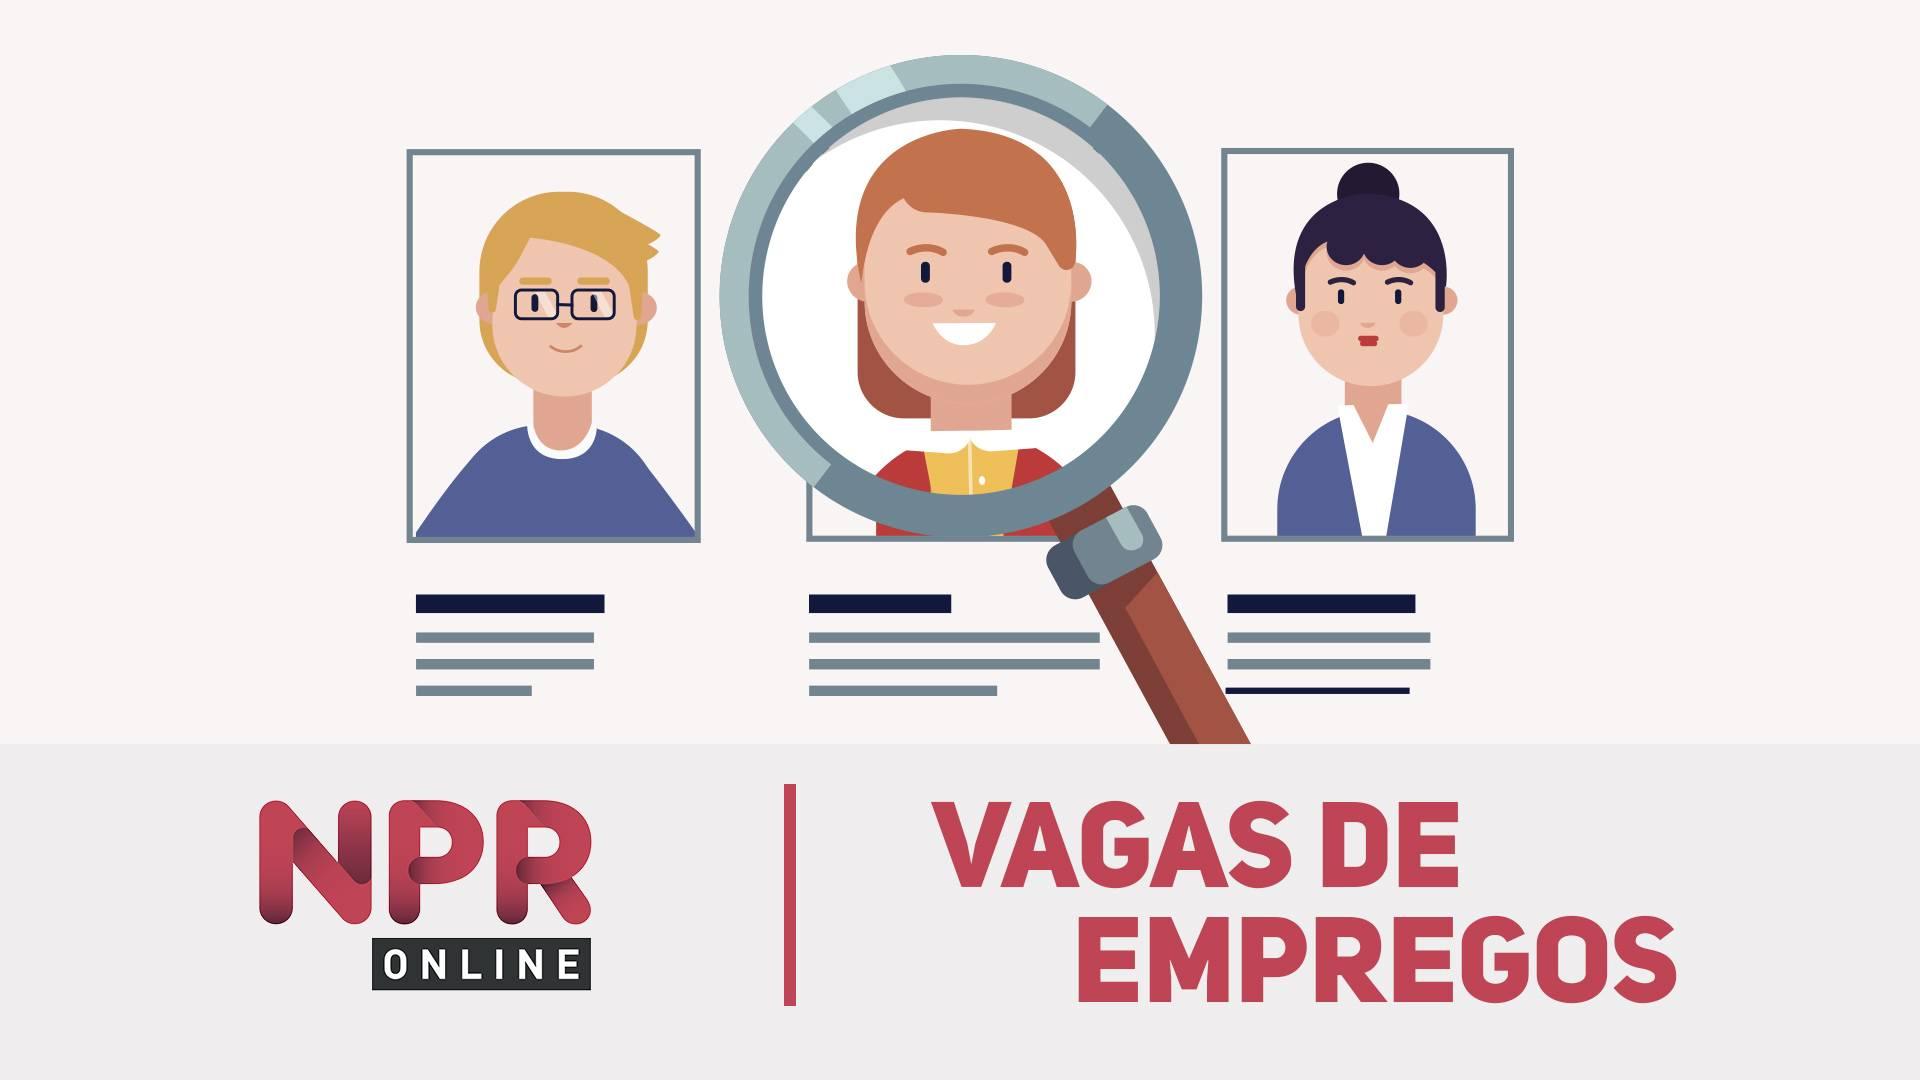 Vagas de Empregos: Veja as principais oportunidades disponíveis nesta quarta-feira (24/03)